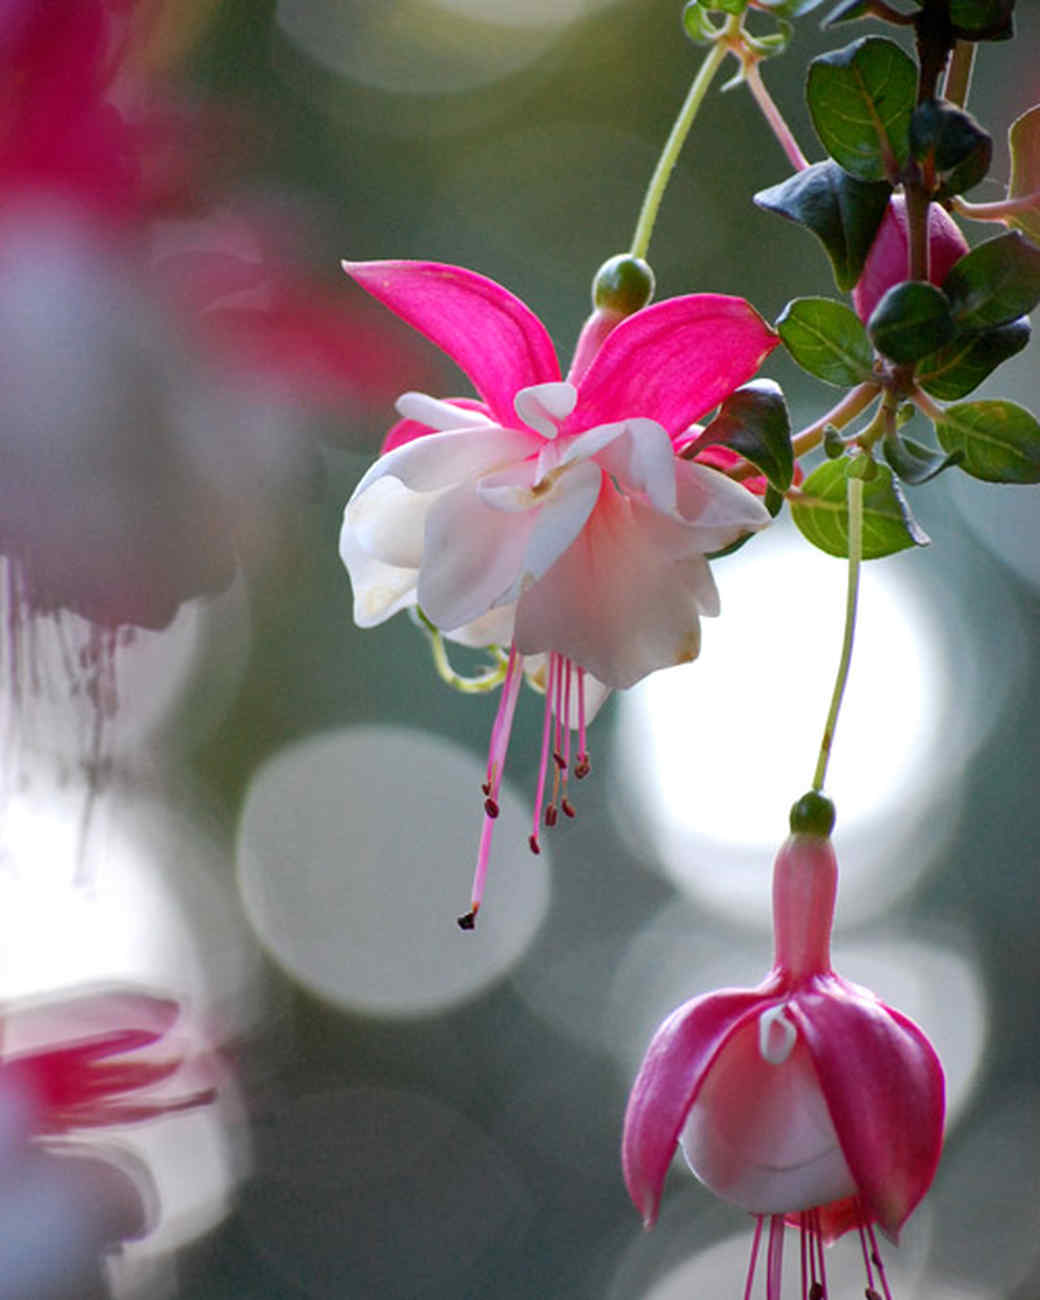 garden_contest_52269.jpg